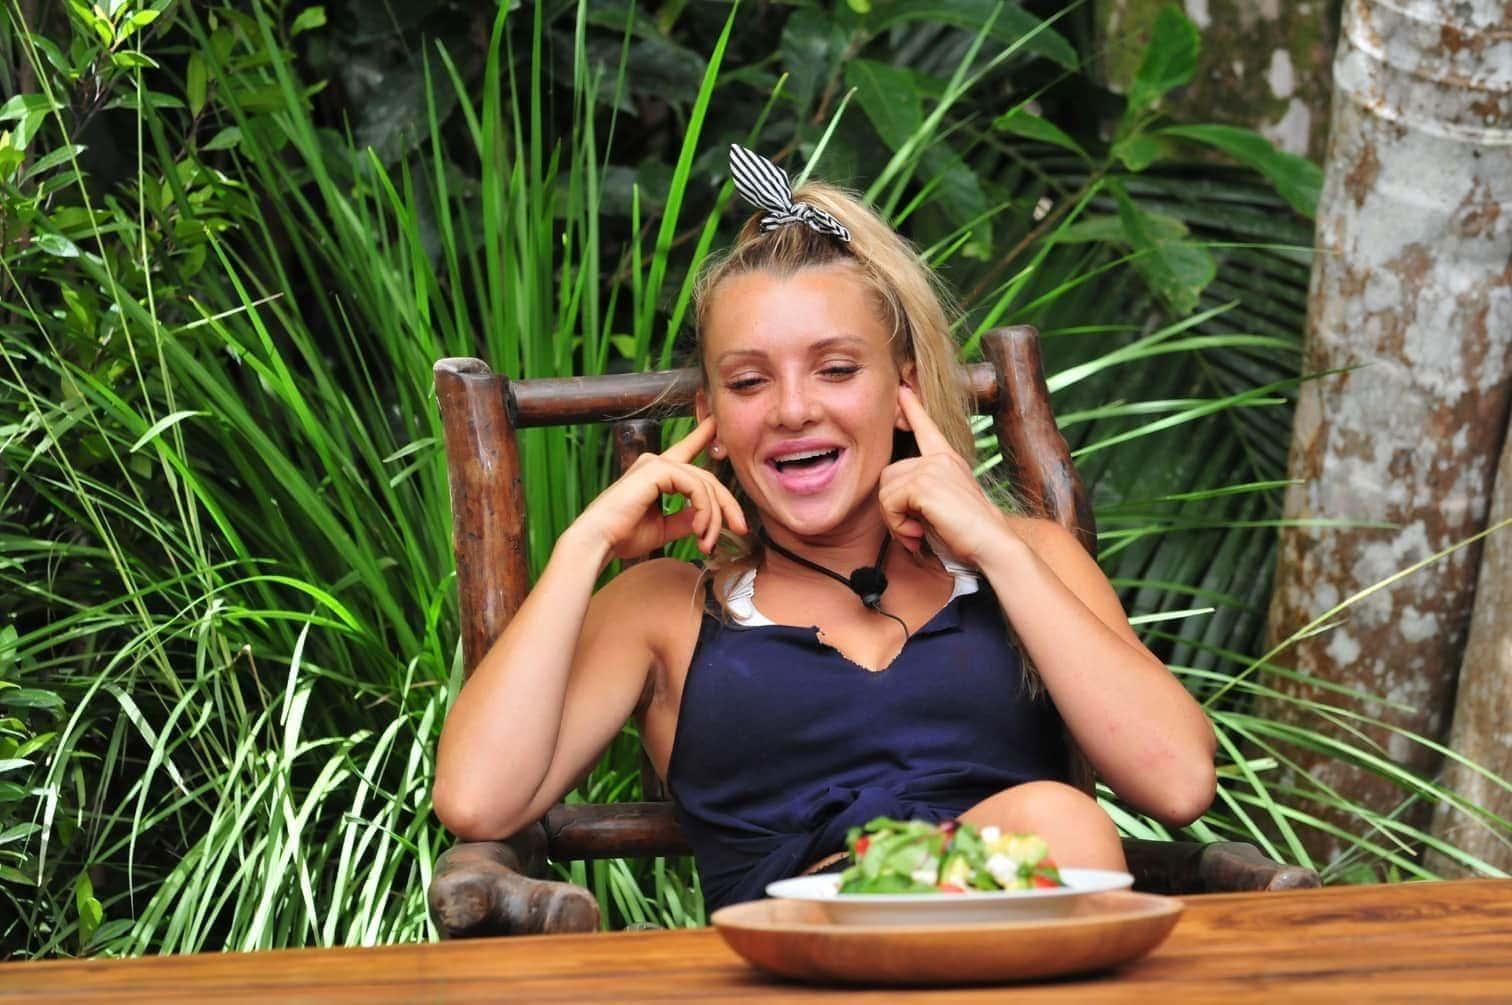 Feta und schwarzen Oliven serviert wird. Evelyn lehnt mit sehnsüchtigem Blick ab und bekommt einen Teller mit Busch-Schweinelunge vor sich auf den Tisch gestellt.</p> Foto: TV Now / Stefan Menne